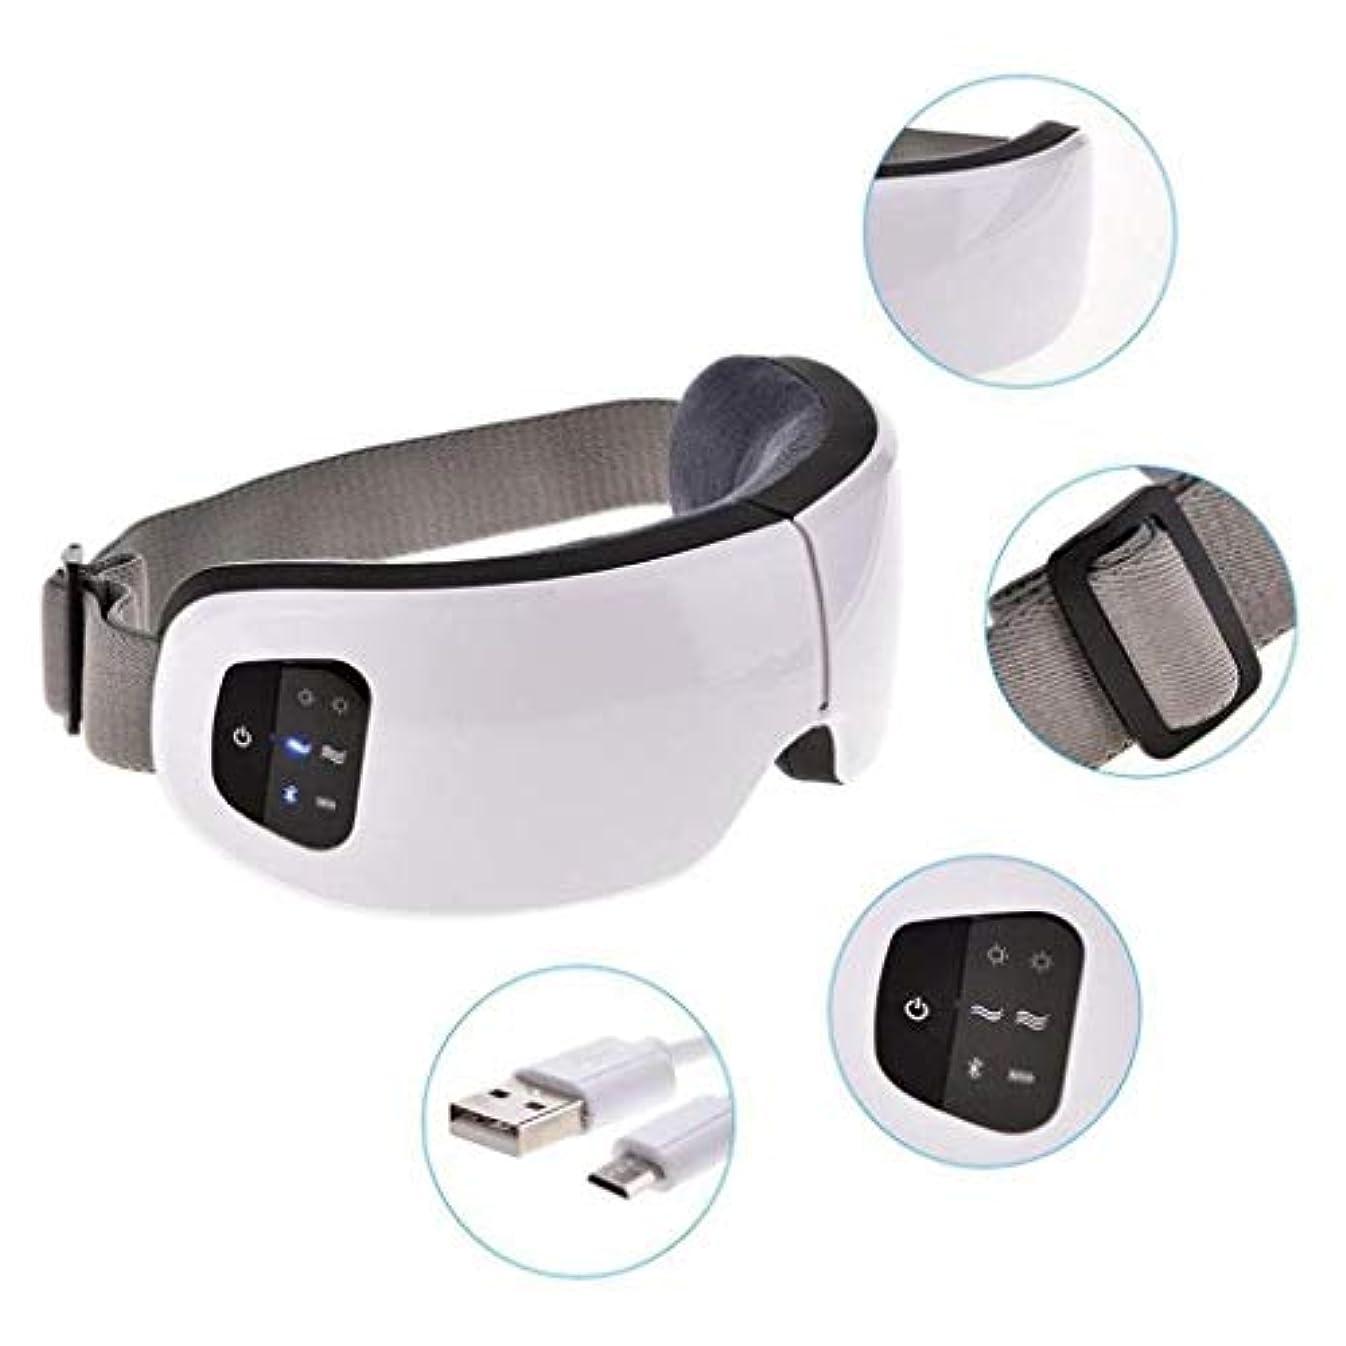 シビック効能フォーマルホットプレス充電式ワイヤレスアイマッサージャーマスク空気圧振動とBluetooth機能付きアイバッグ、ダークサークル、アイ疲労、ドライアイ